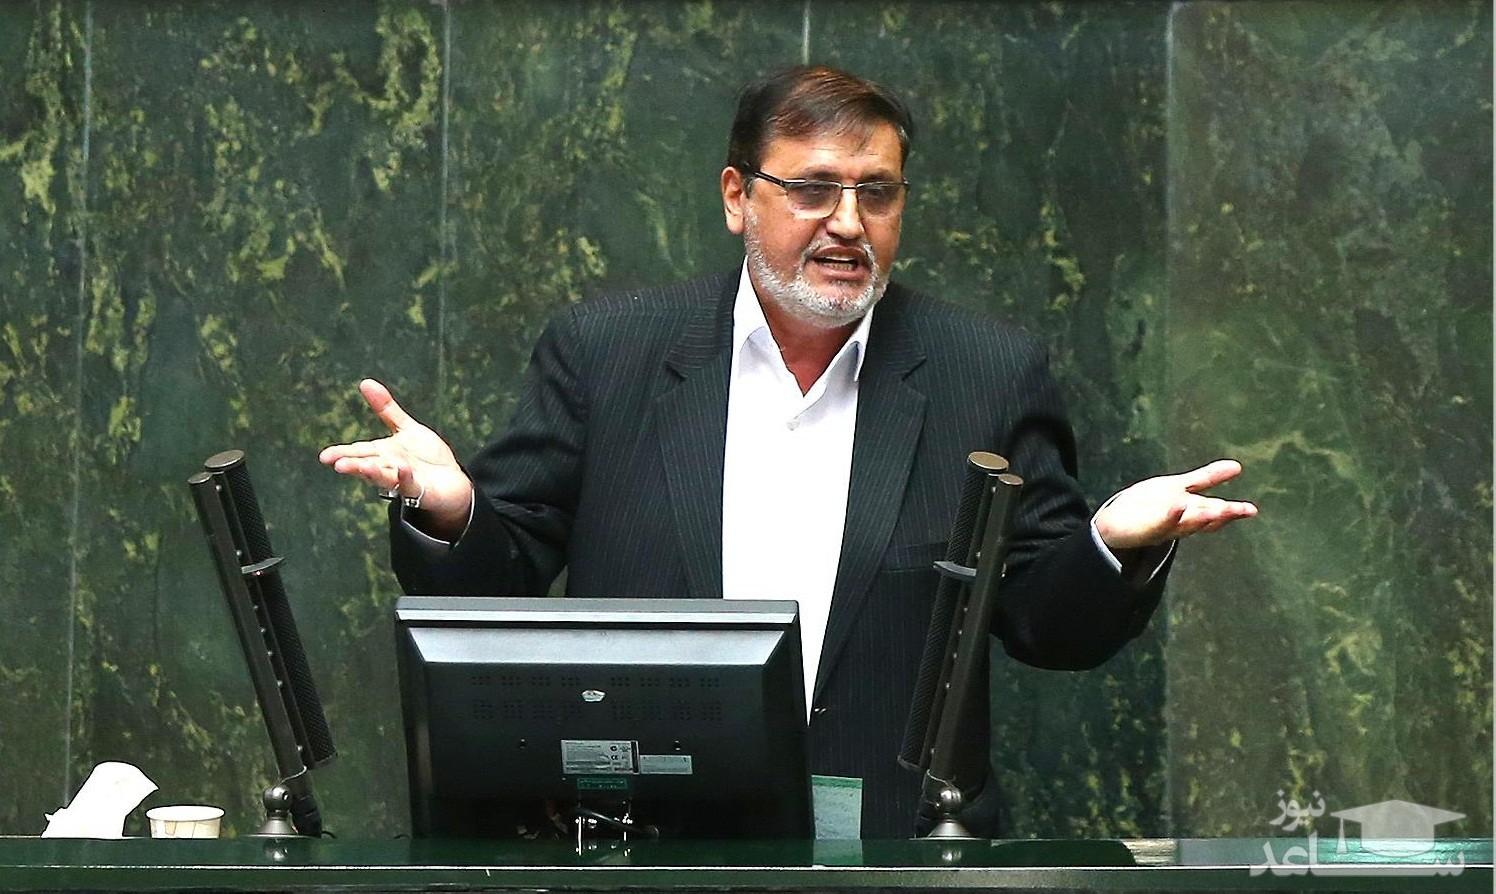 واکنش جنجالی آقای نماینده به خبر تجاوز در خمینی شهر!